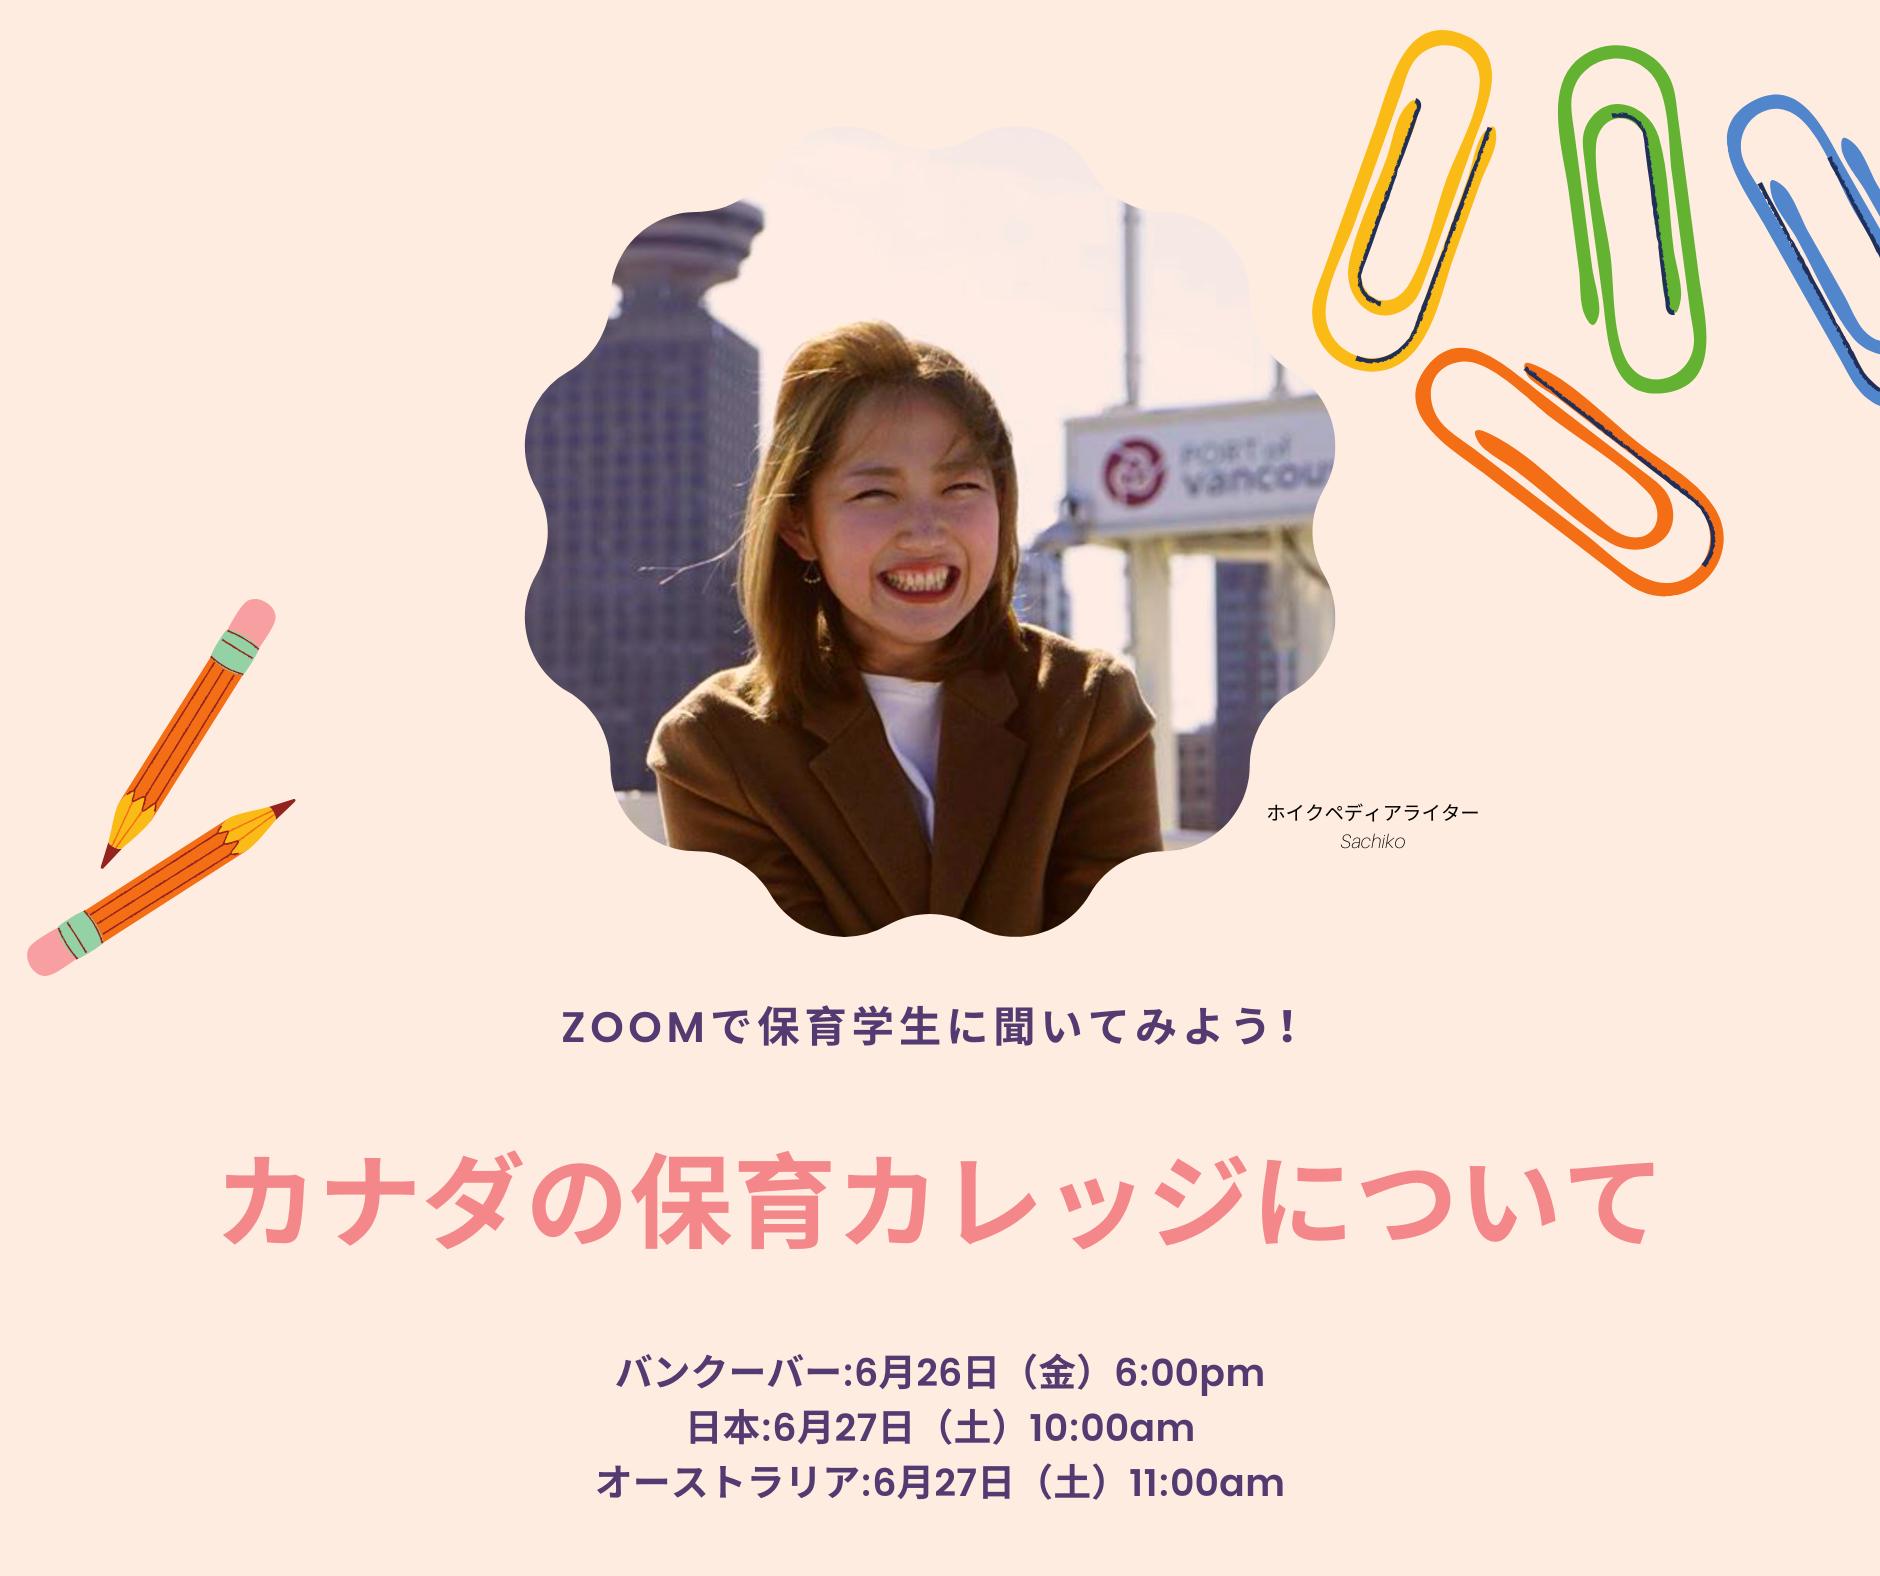 [動画]現役保育カレッジ生、Sachikoさんに聞いてみた!